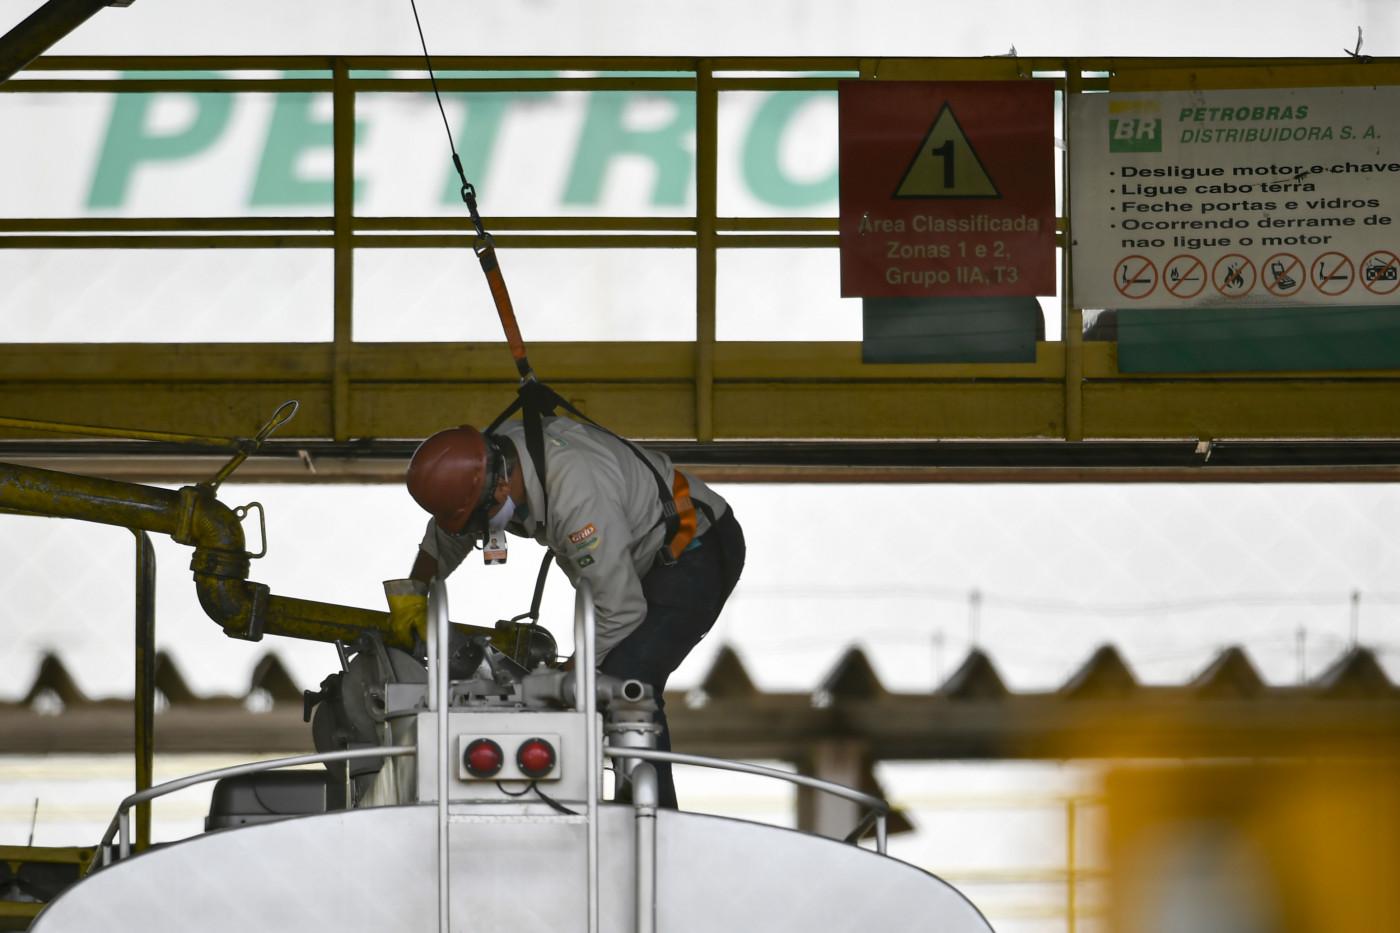 Homem trabalhando próximo a um tanque da estatal brasileira de petróleo, a Petrobrás